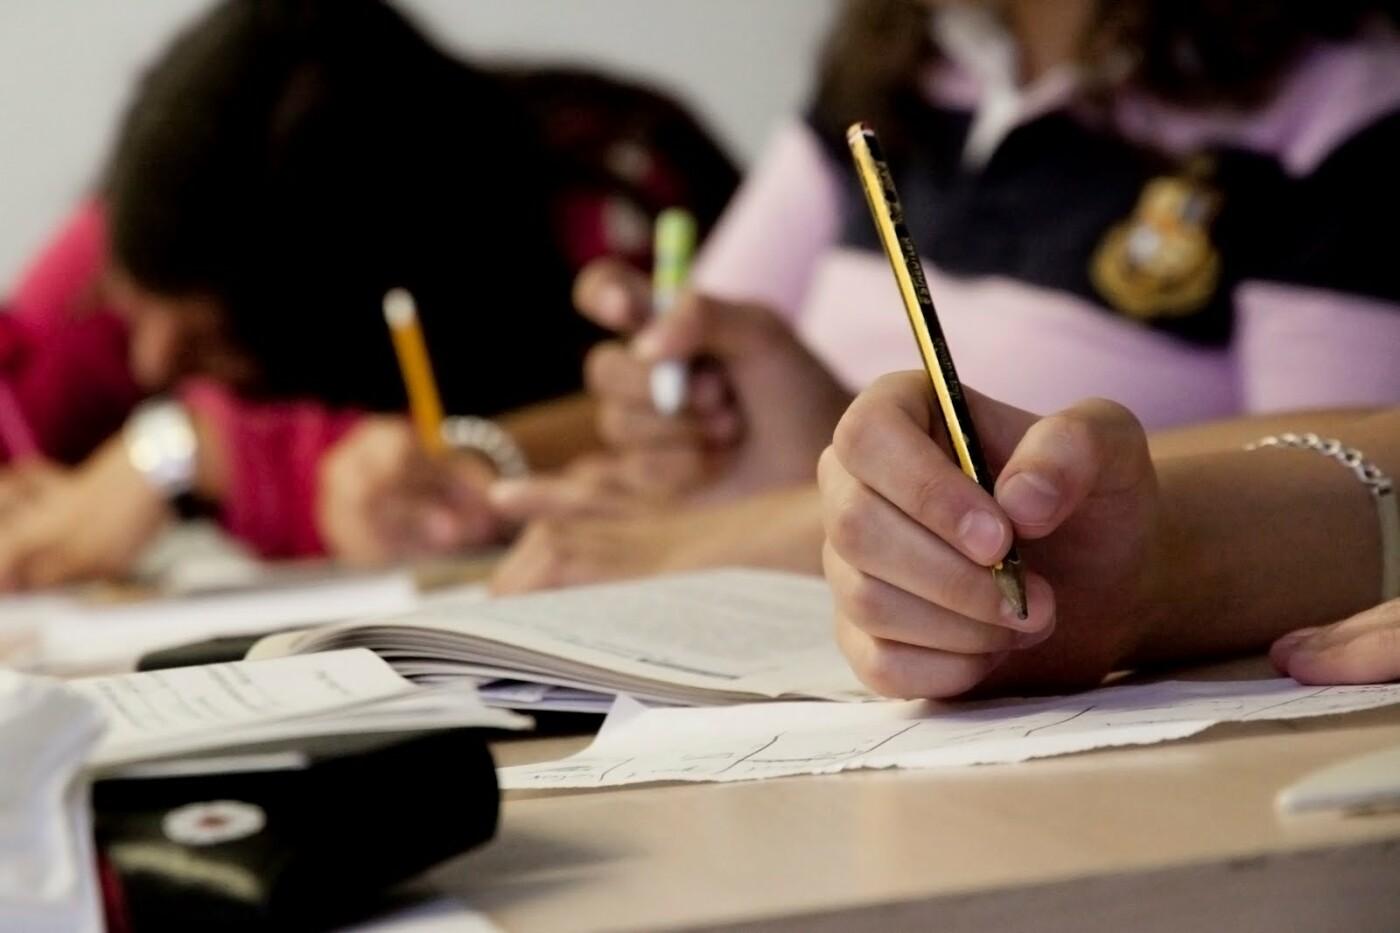 Перед школой: эксперты рассказали о нормах ученической формы и режима дня , фото-3, Фото: https://pbs.twimg.com/